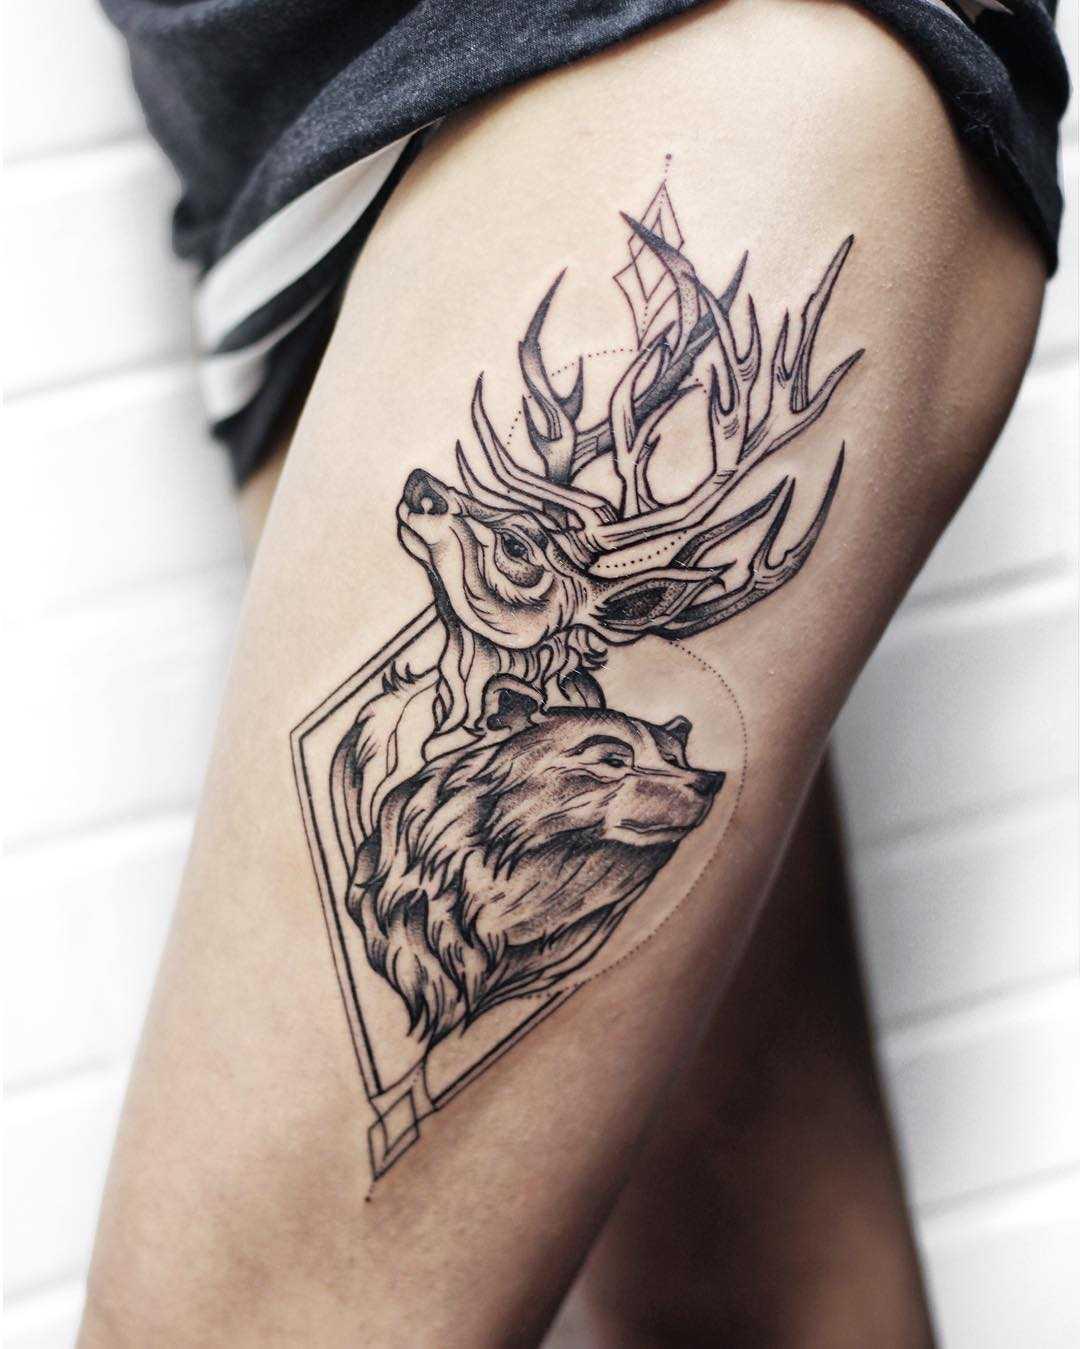 Forest inhabitants tattoo